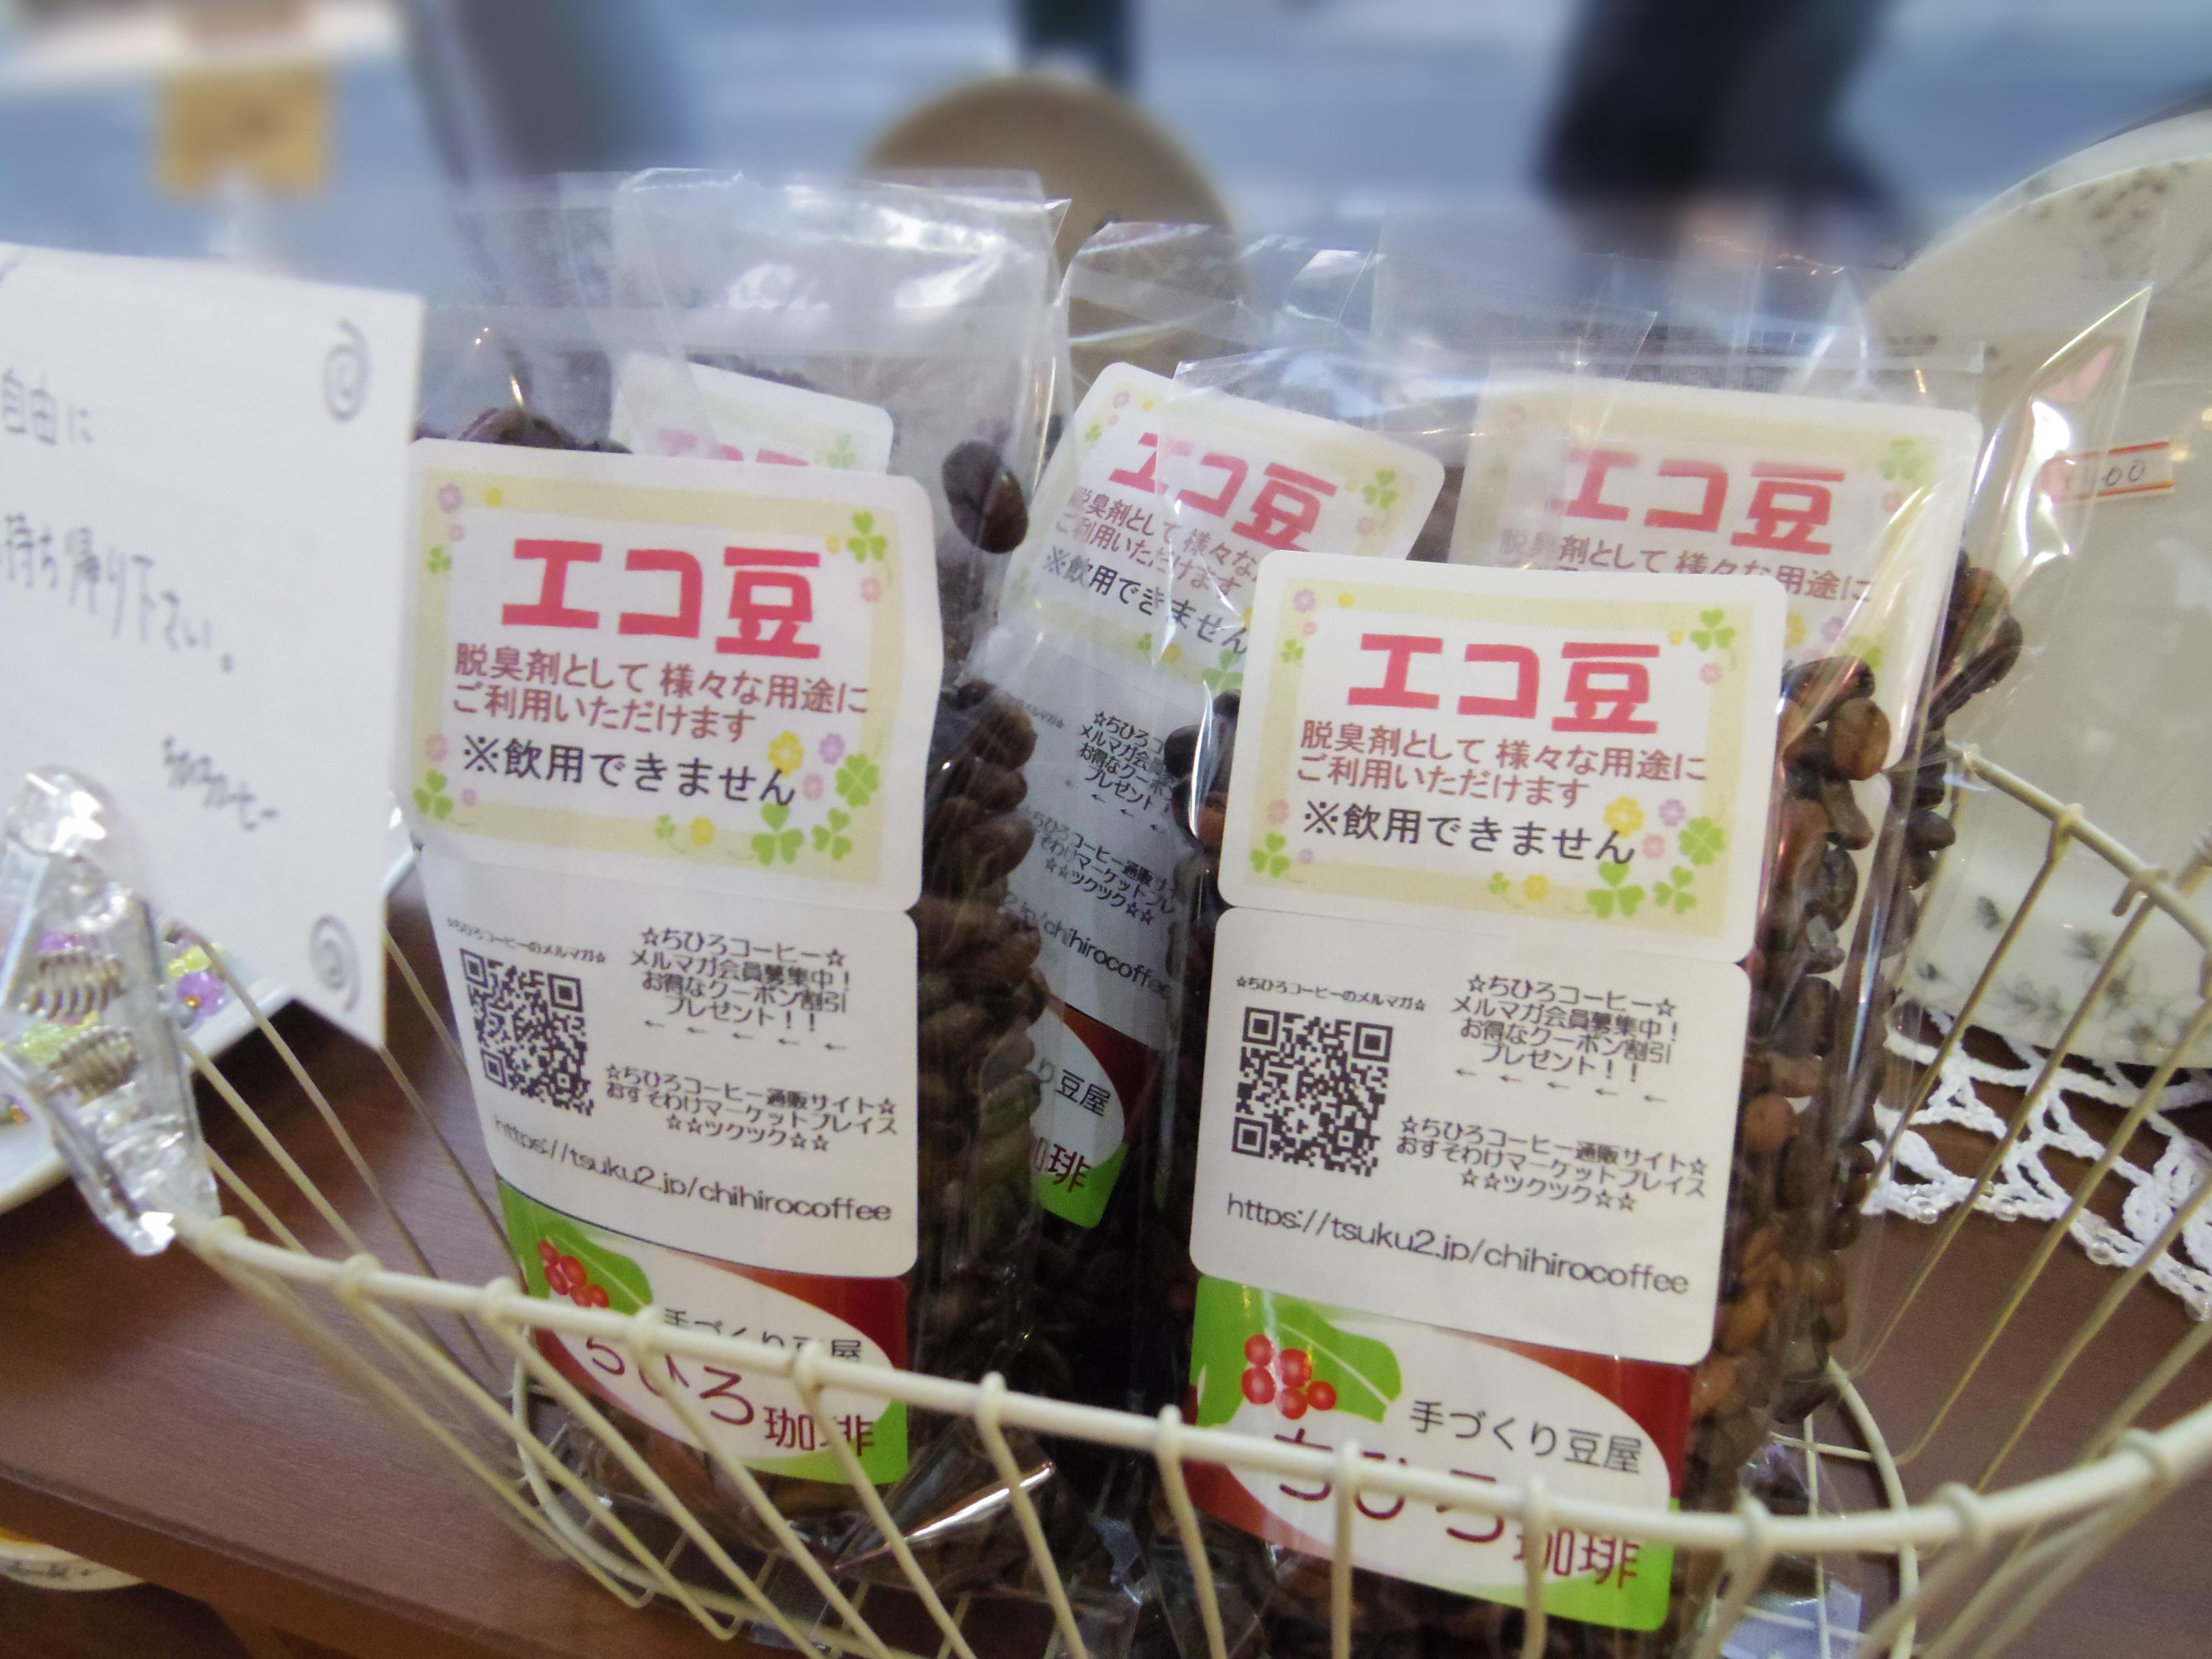 東大宮のカフェ&福祉施設/自家焙煎珈琲【ちひろ珈琲】のエコ豆